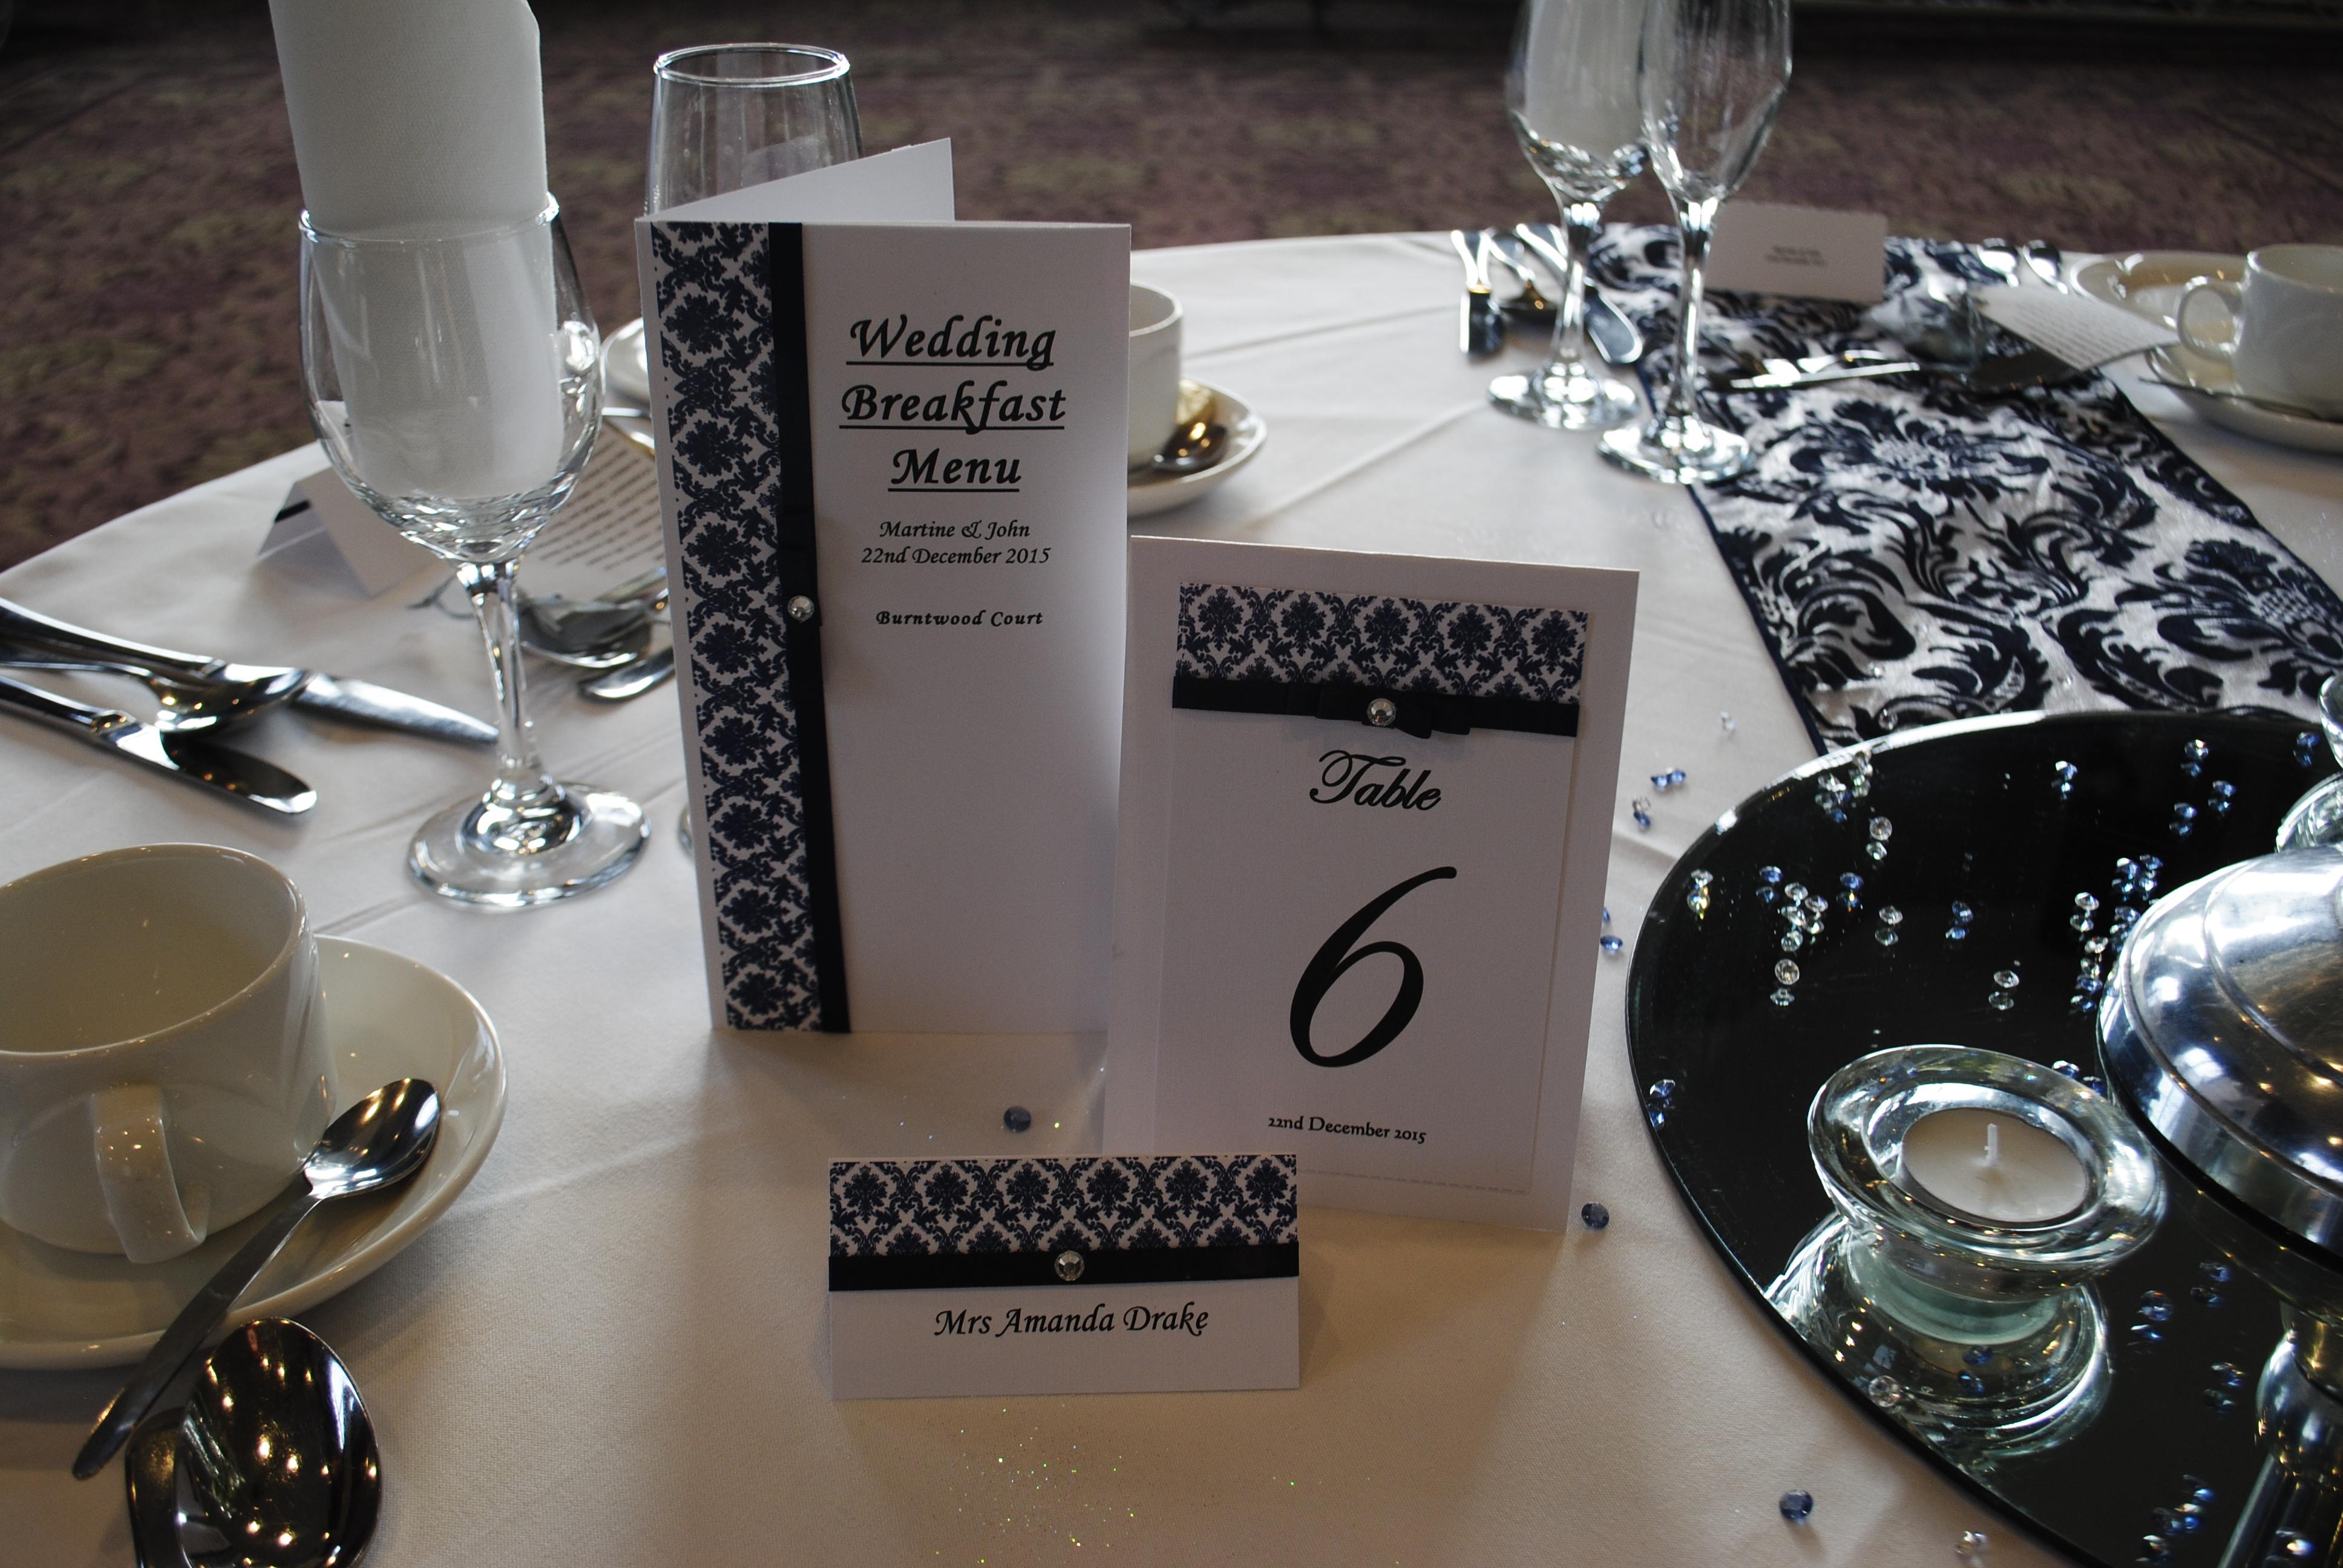 Menu, table number name card